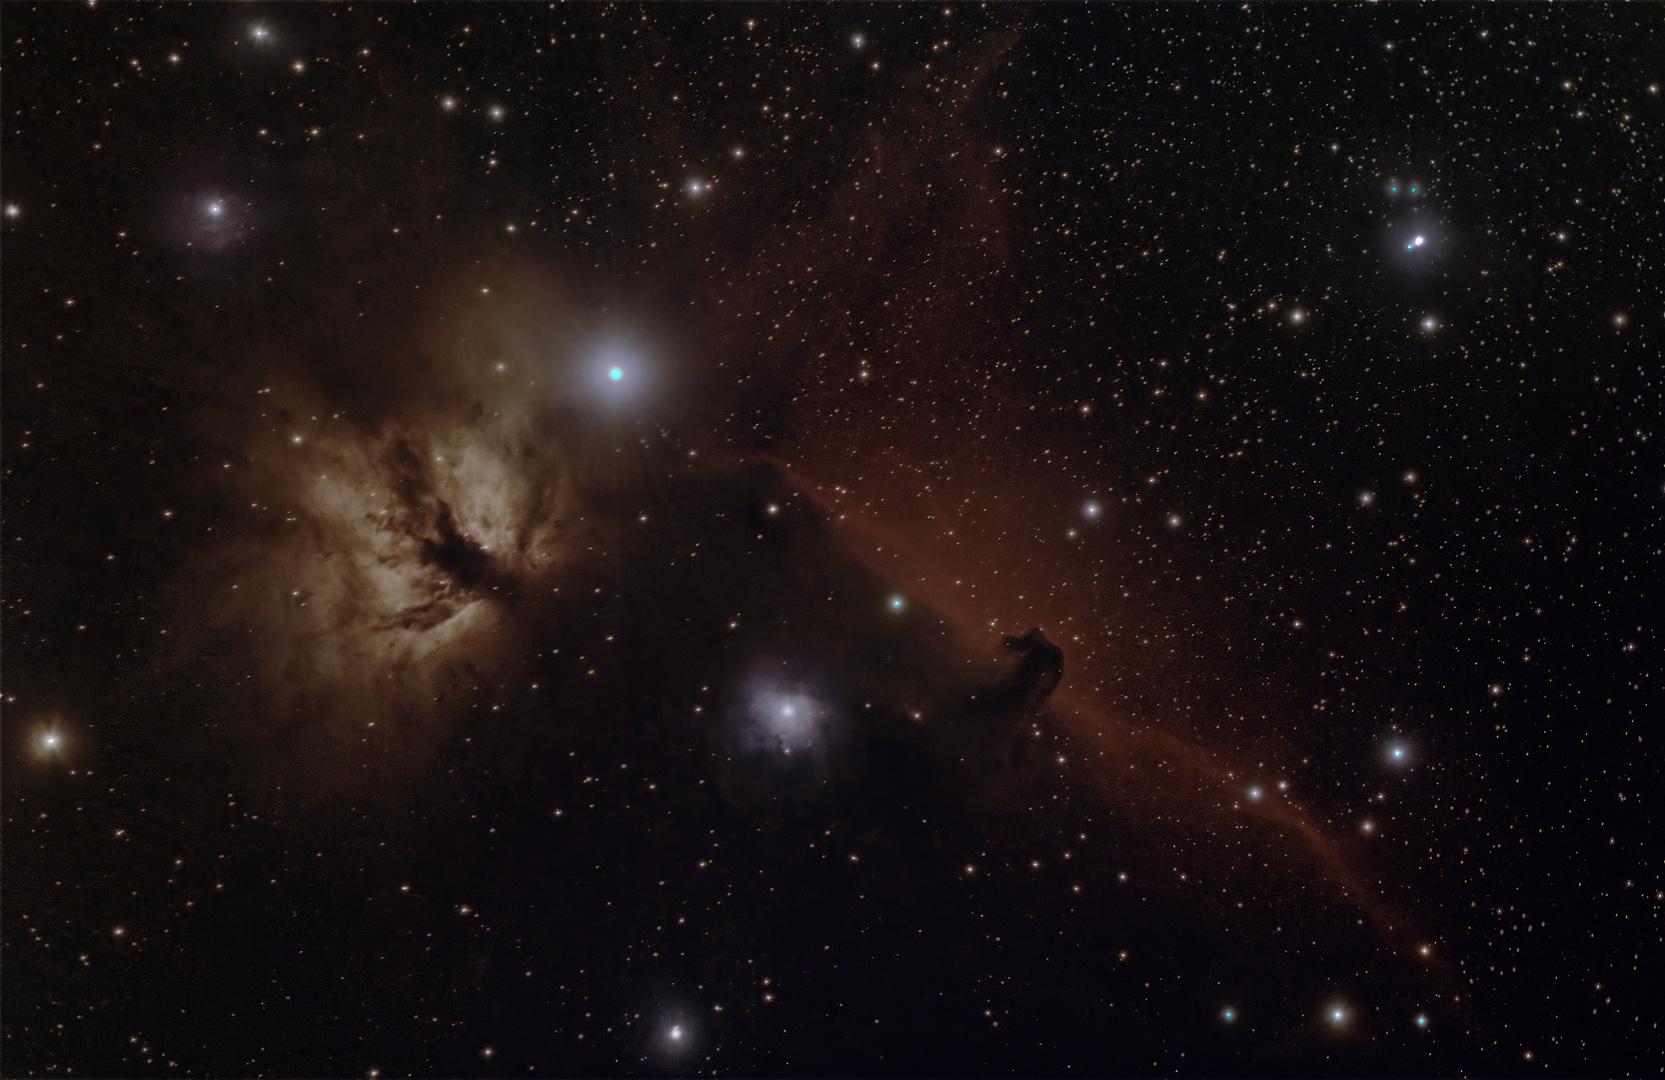 Flammennebel und Pferdekopfnebel im Sternbild Orion